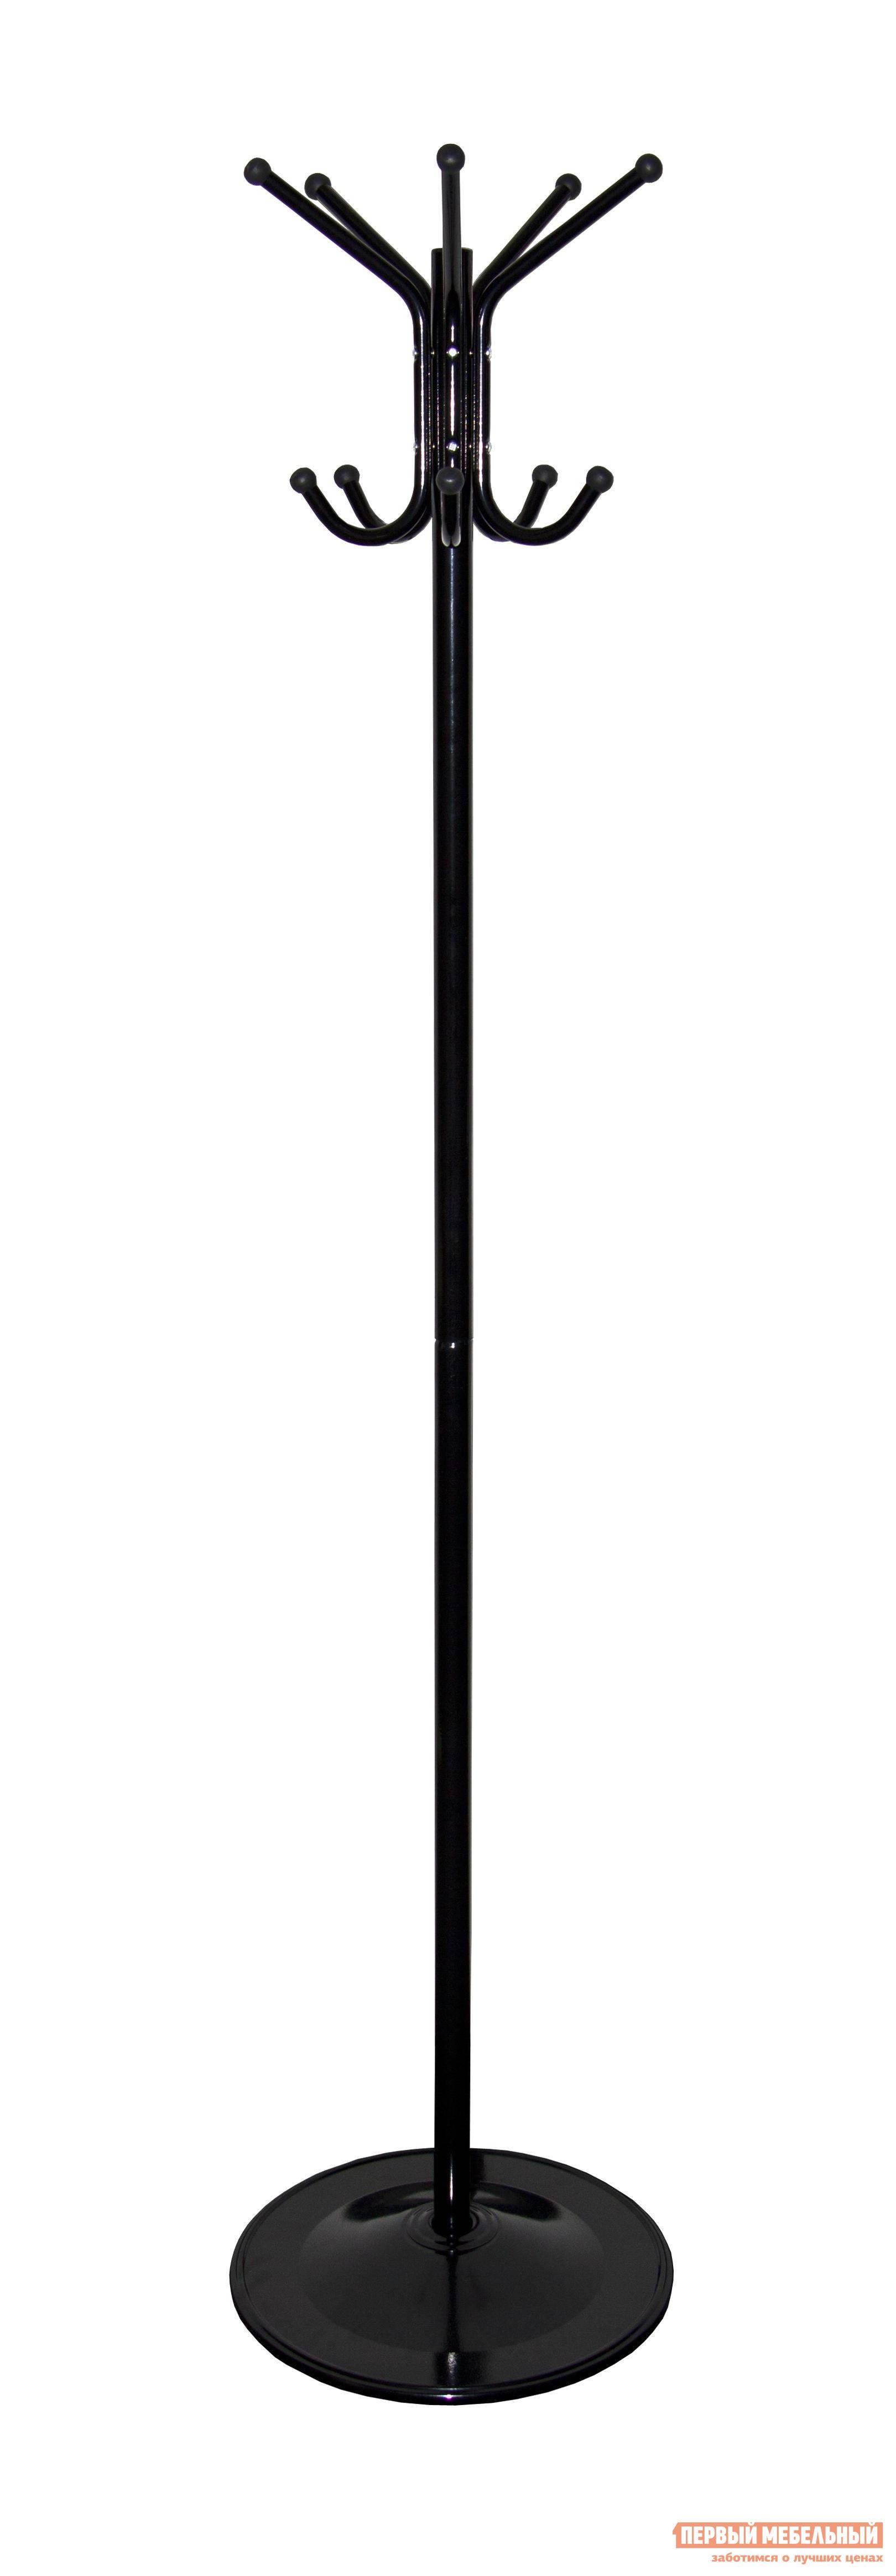 Напольная вешалка Бюрократ CR-001 Черный